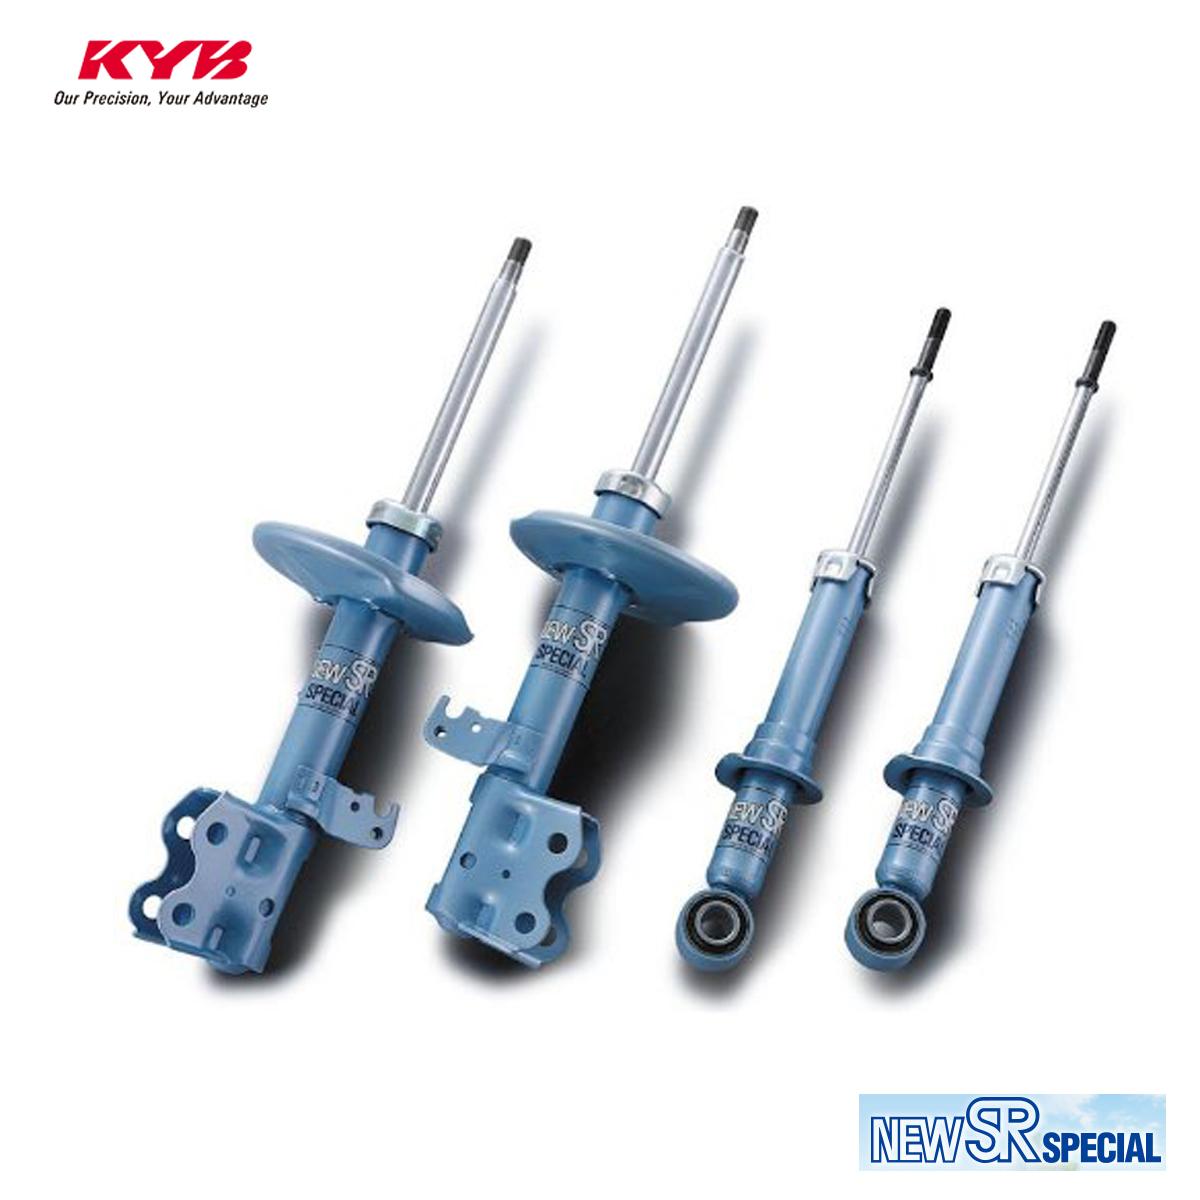 KYB カヤバ ミニカ H37V ショックアブソーバー フロント左用 1本 NEW SR SPECIAL NST5334L 配送先条件有り